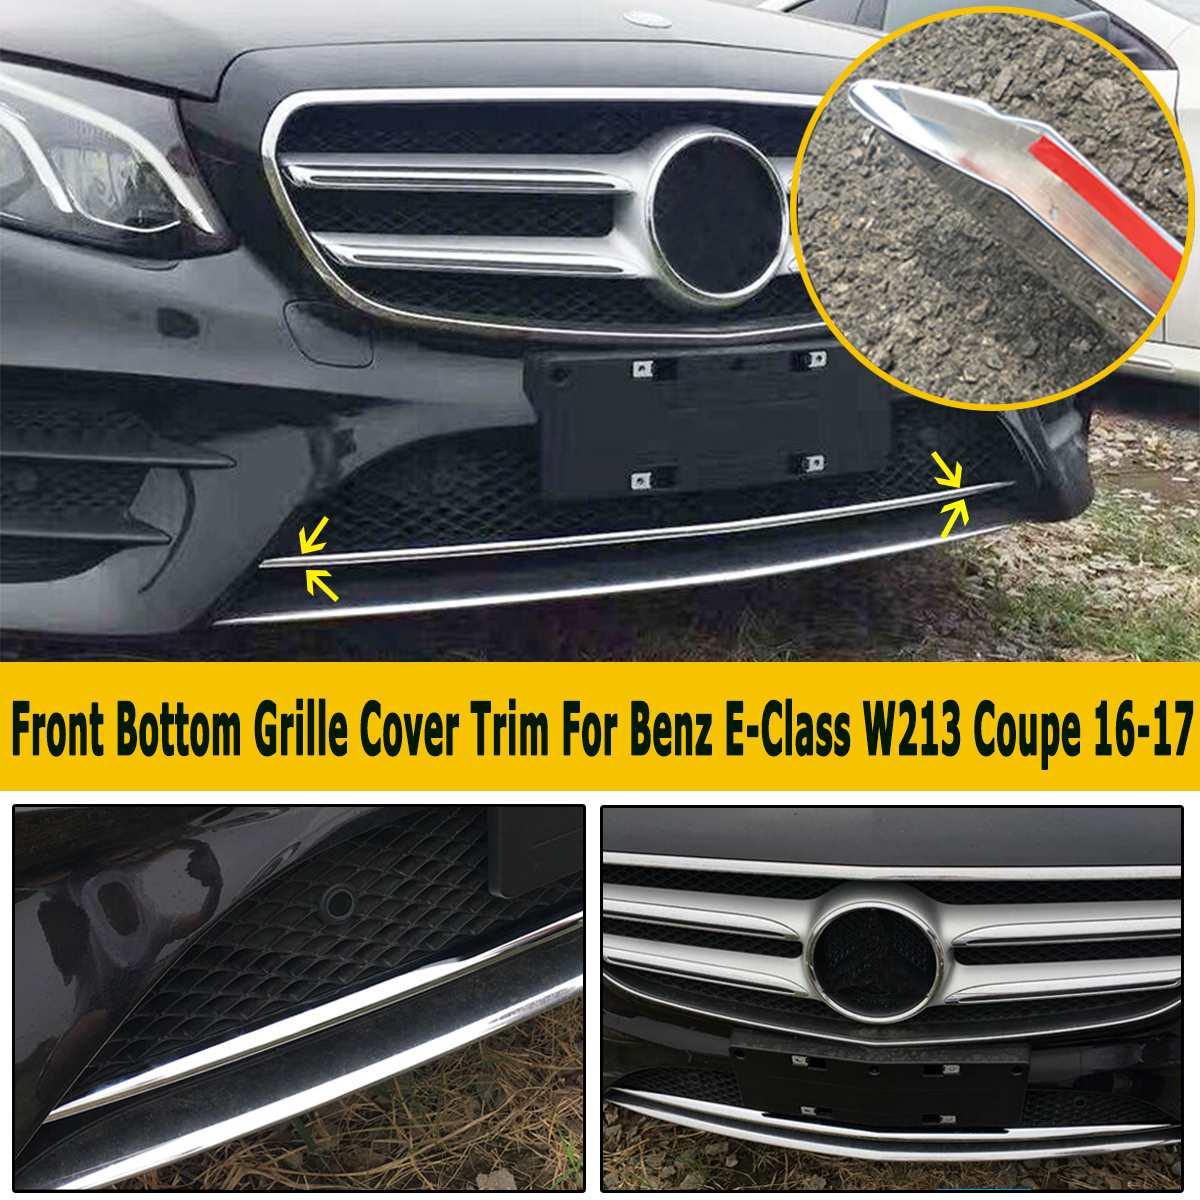 Garniture de couvercle de calandre avant chromé pour Benz classe E W213 pour Coupe 2 portes 2016-17